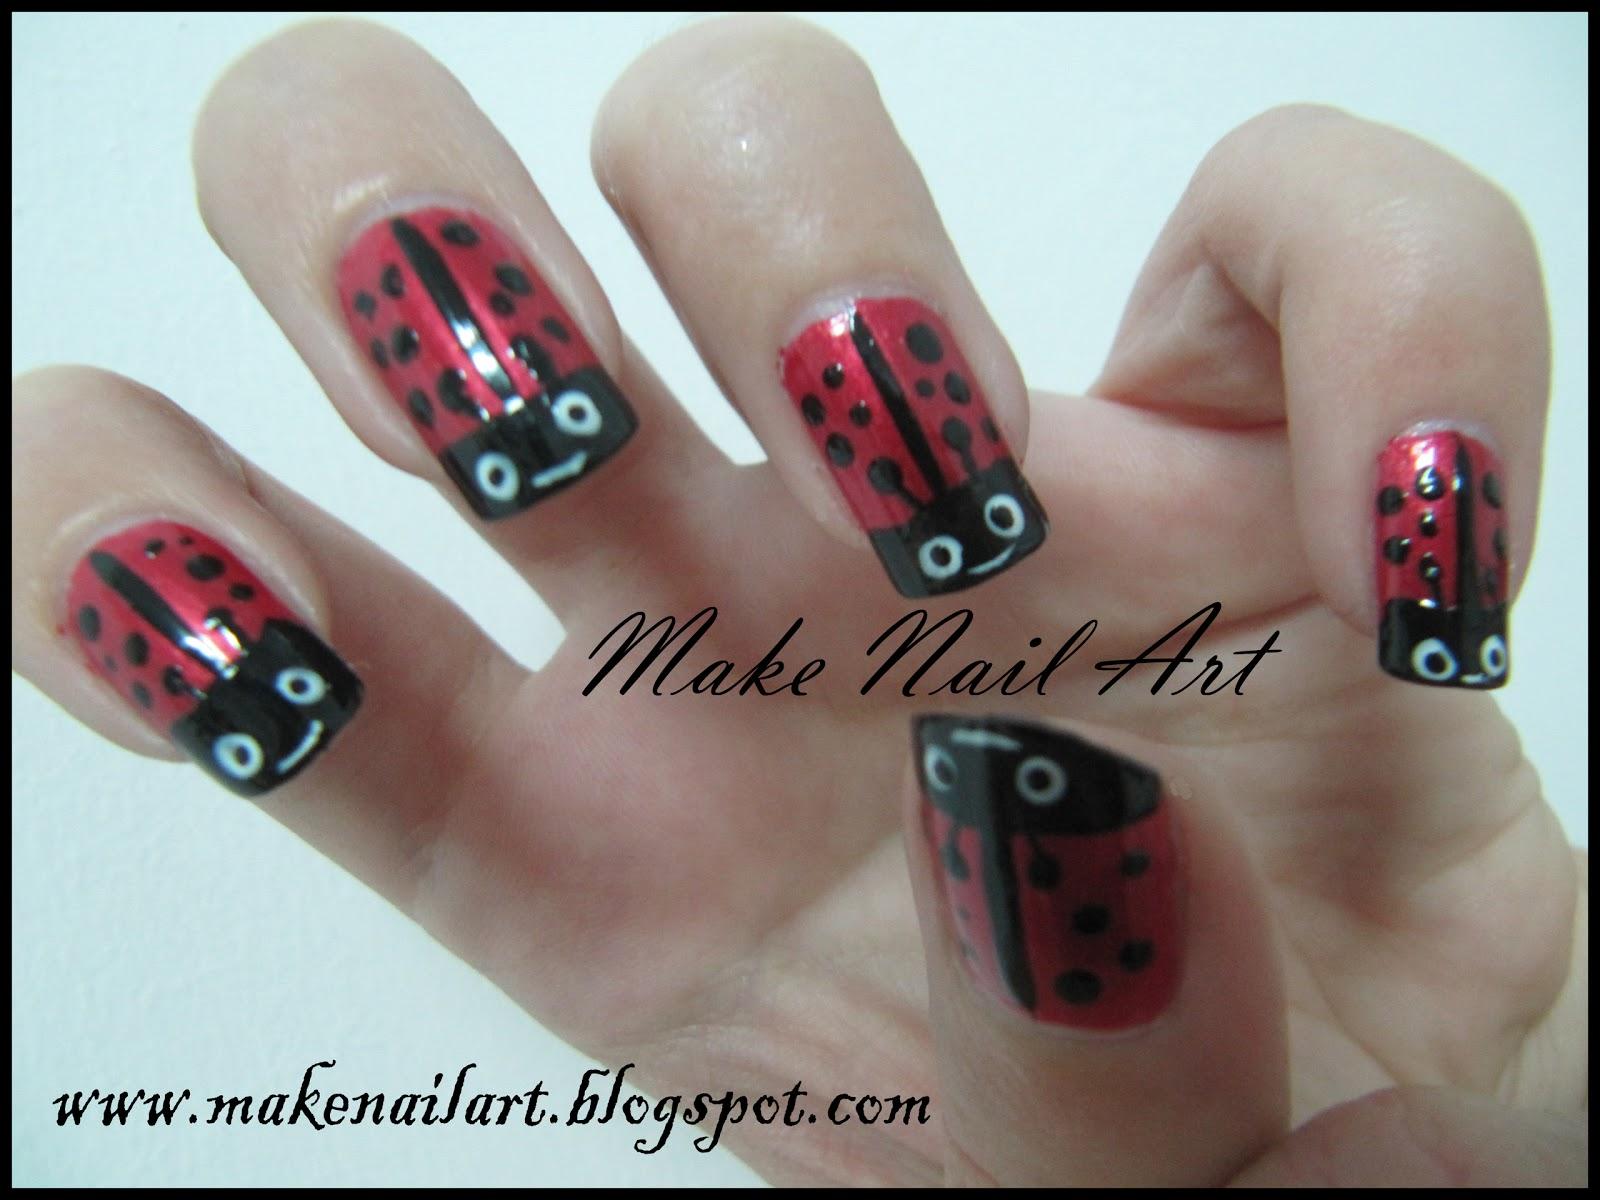 Make Nail Art Ladybug Nail Art Tutorial